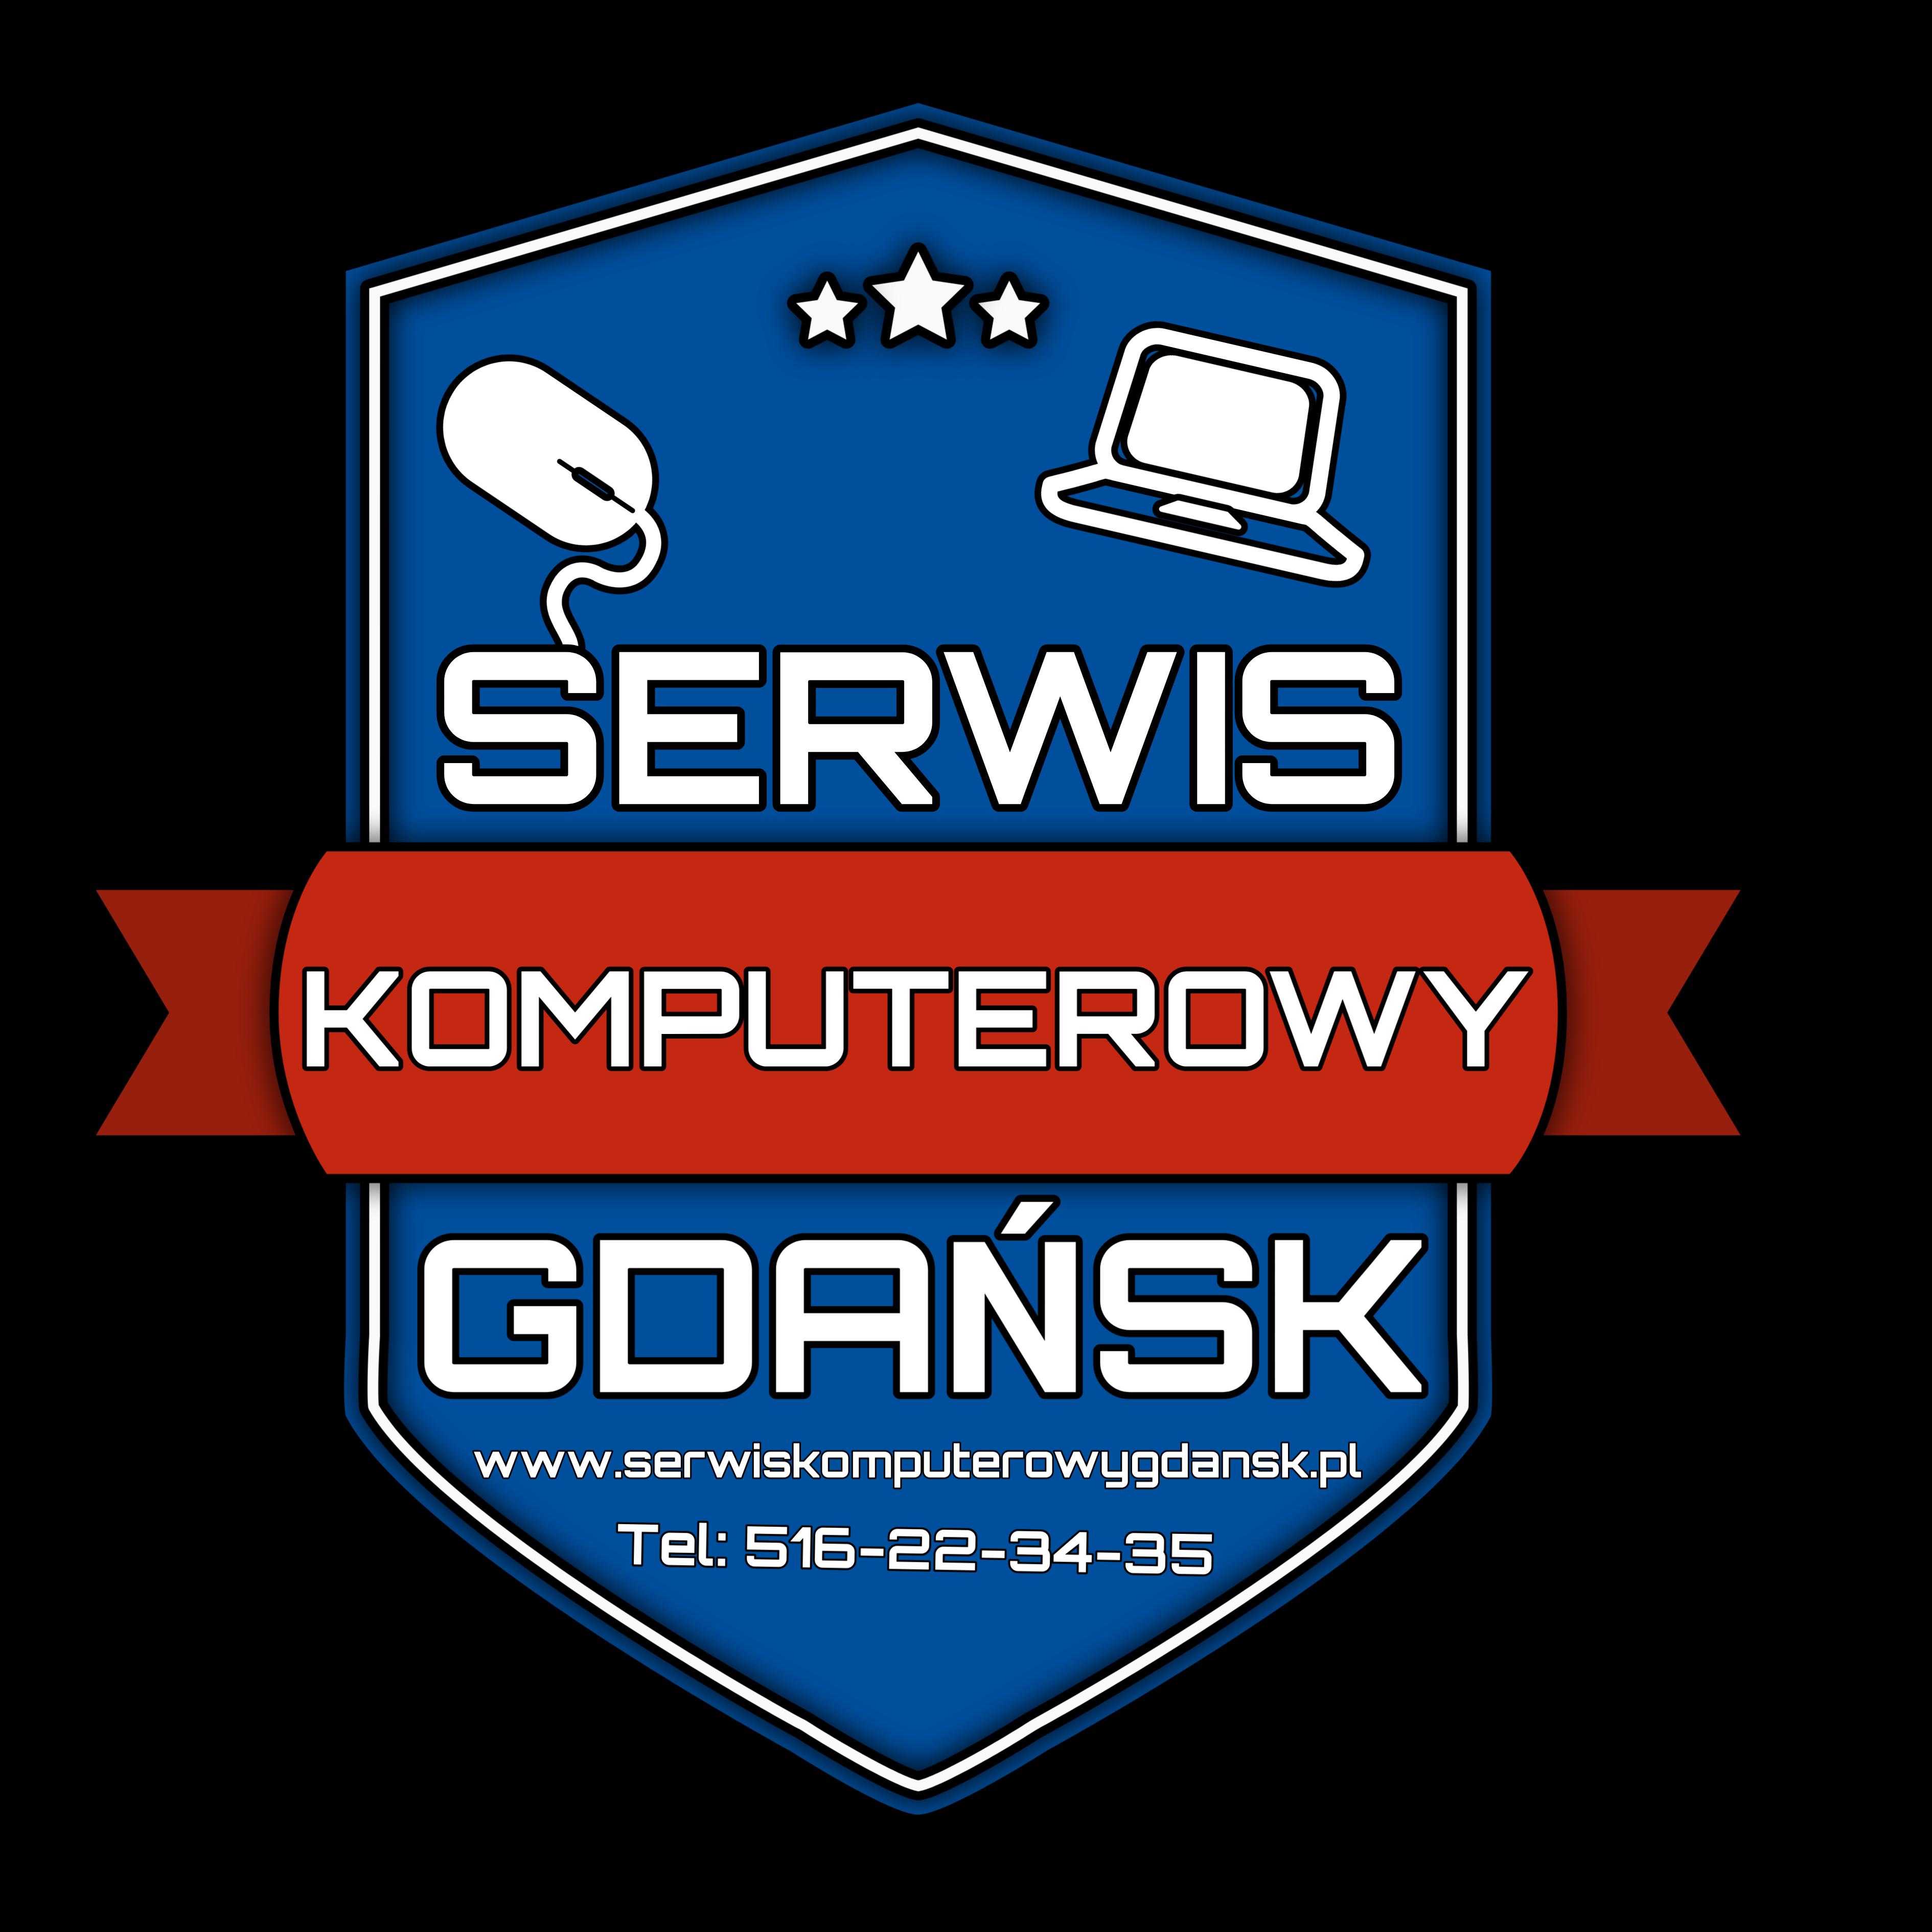 SERWISKOMPUTEROWYGDANSK.PL Kamil Wdowiak Tel: 516 22 34 35